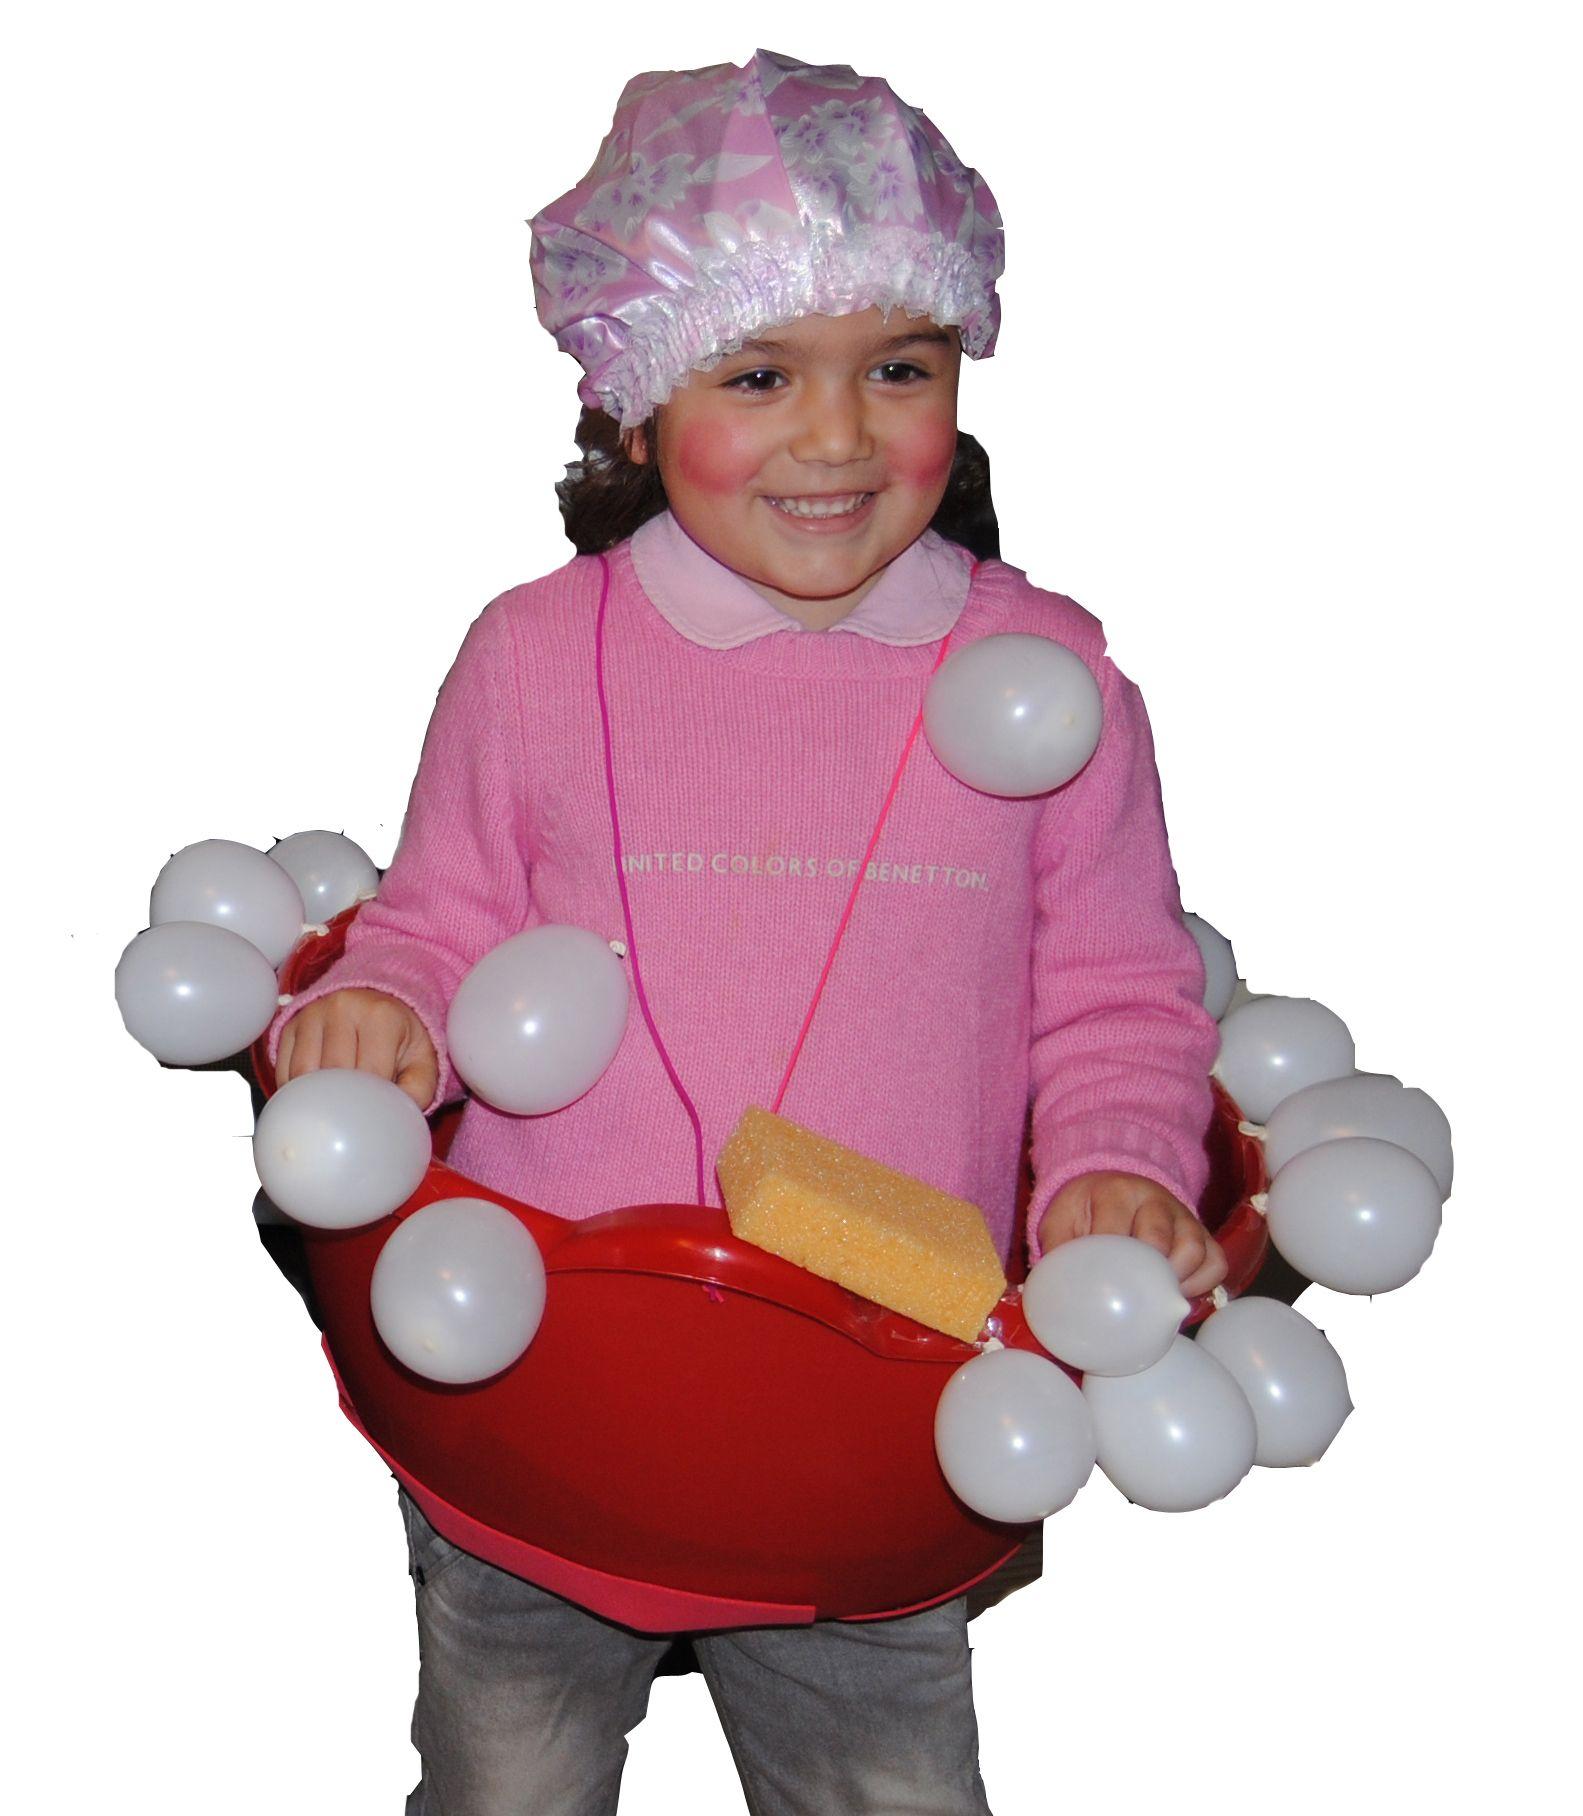 disfraces caseros para ninos 3 anos